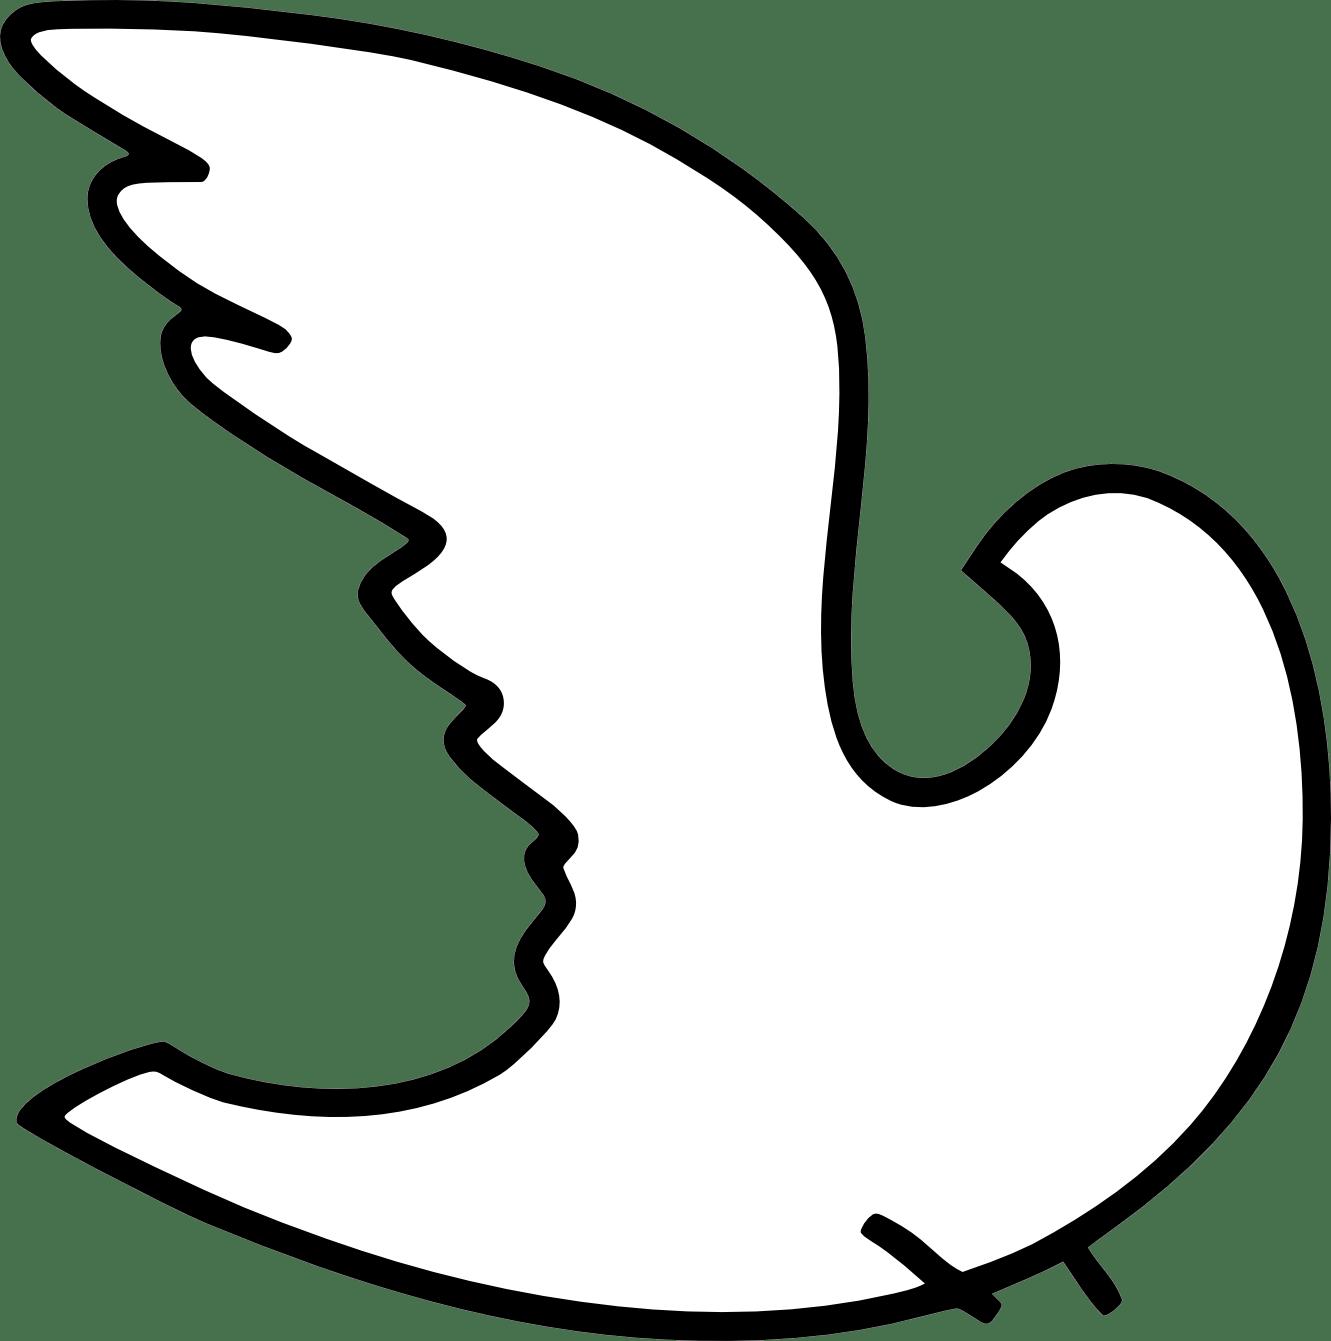 Dove Clip Art Images